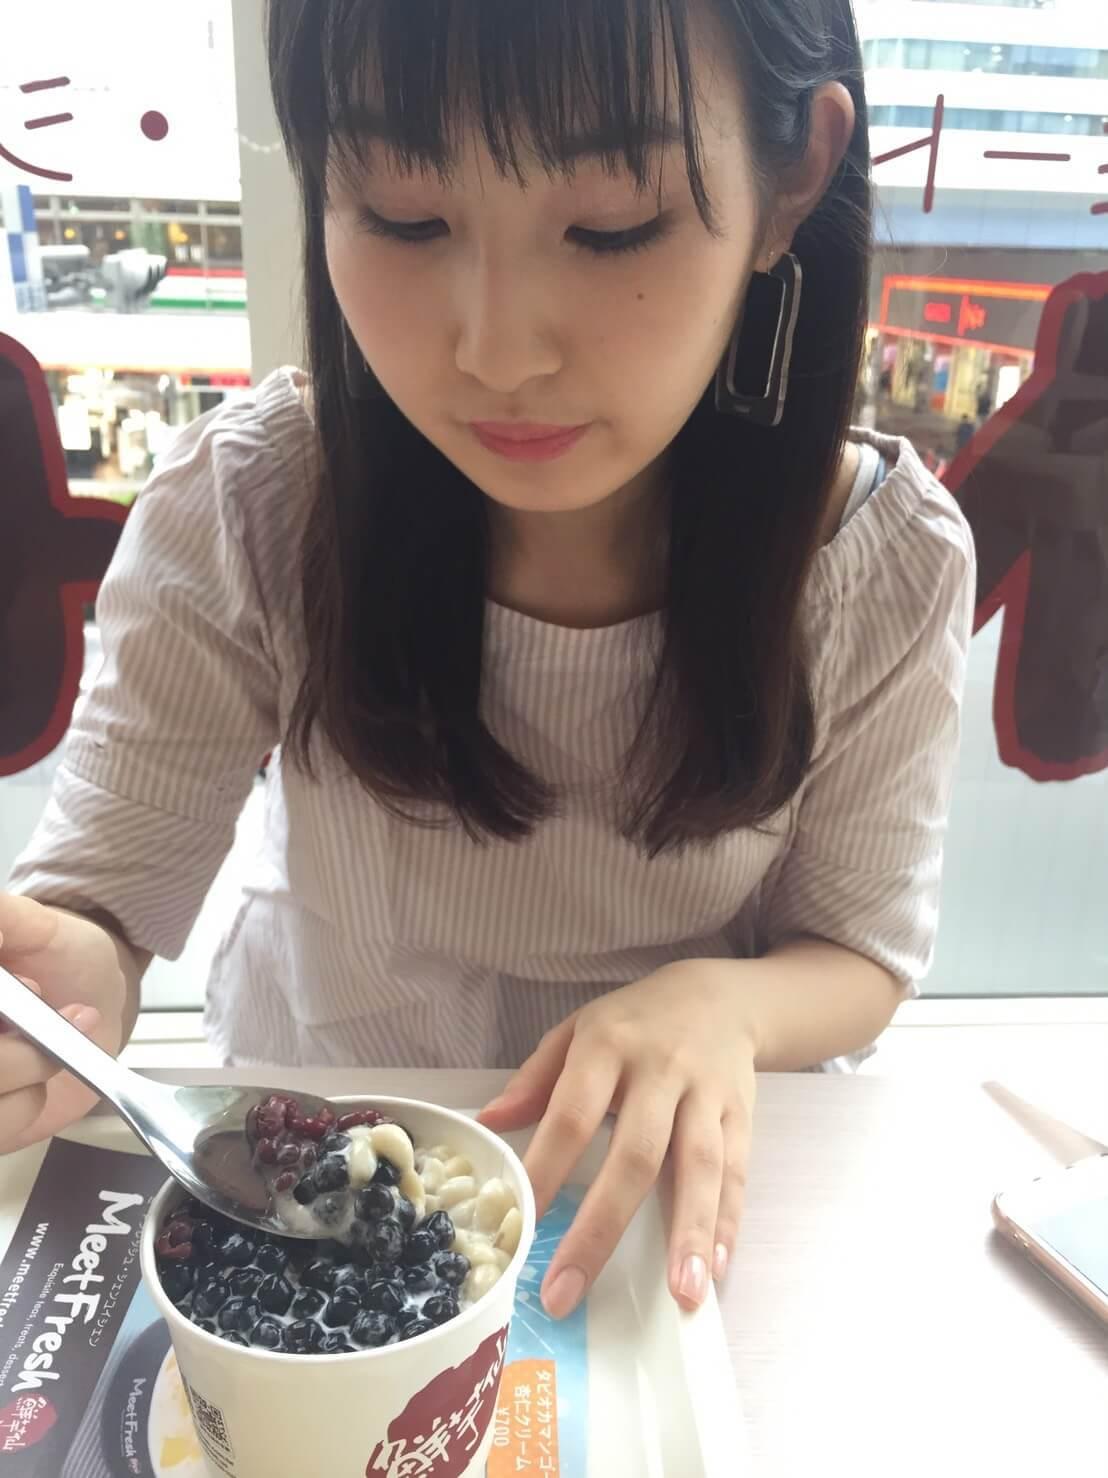 ヘルシーかつコスパ☺︎美味しすぎる台湾スイーツ♡_1_2-2